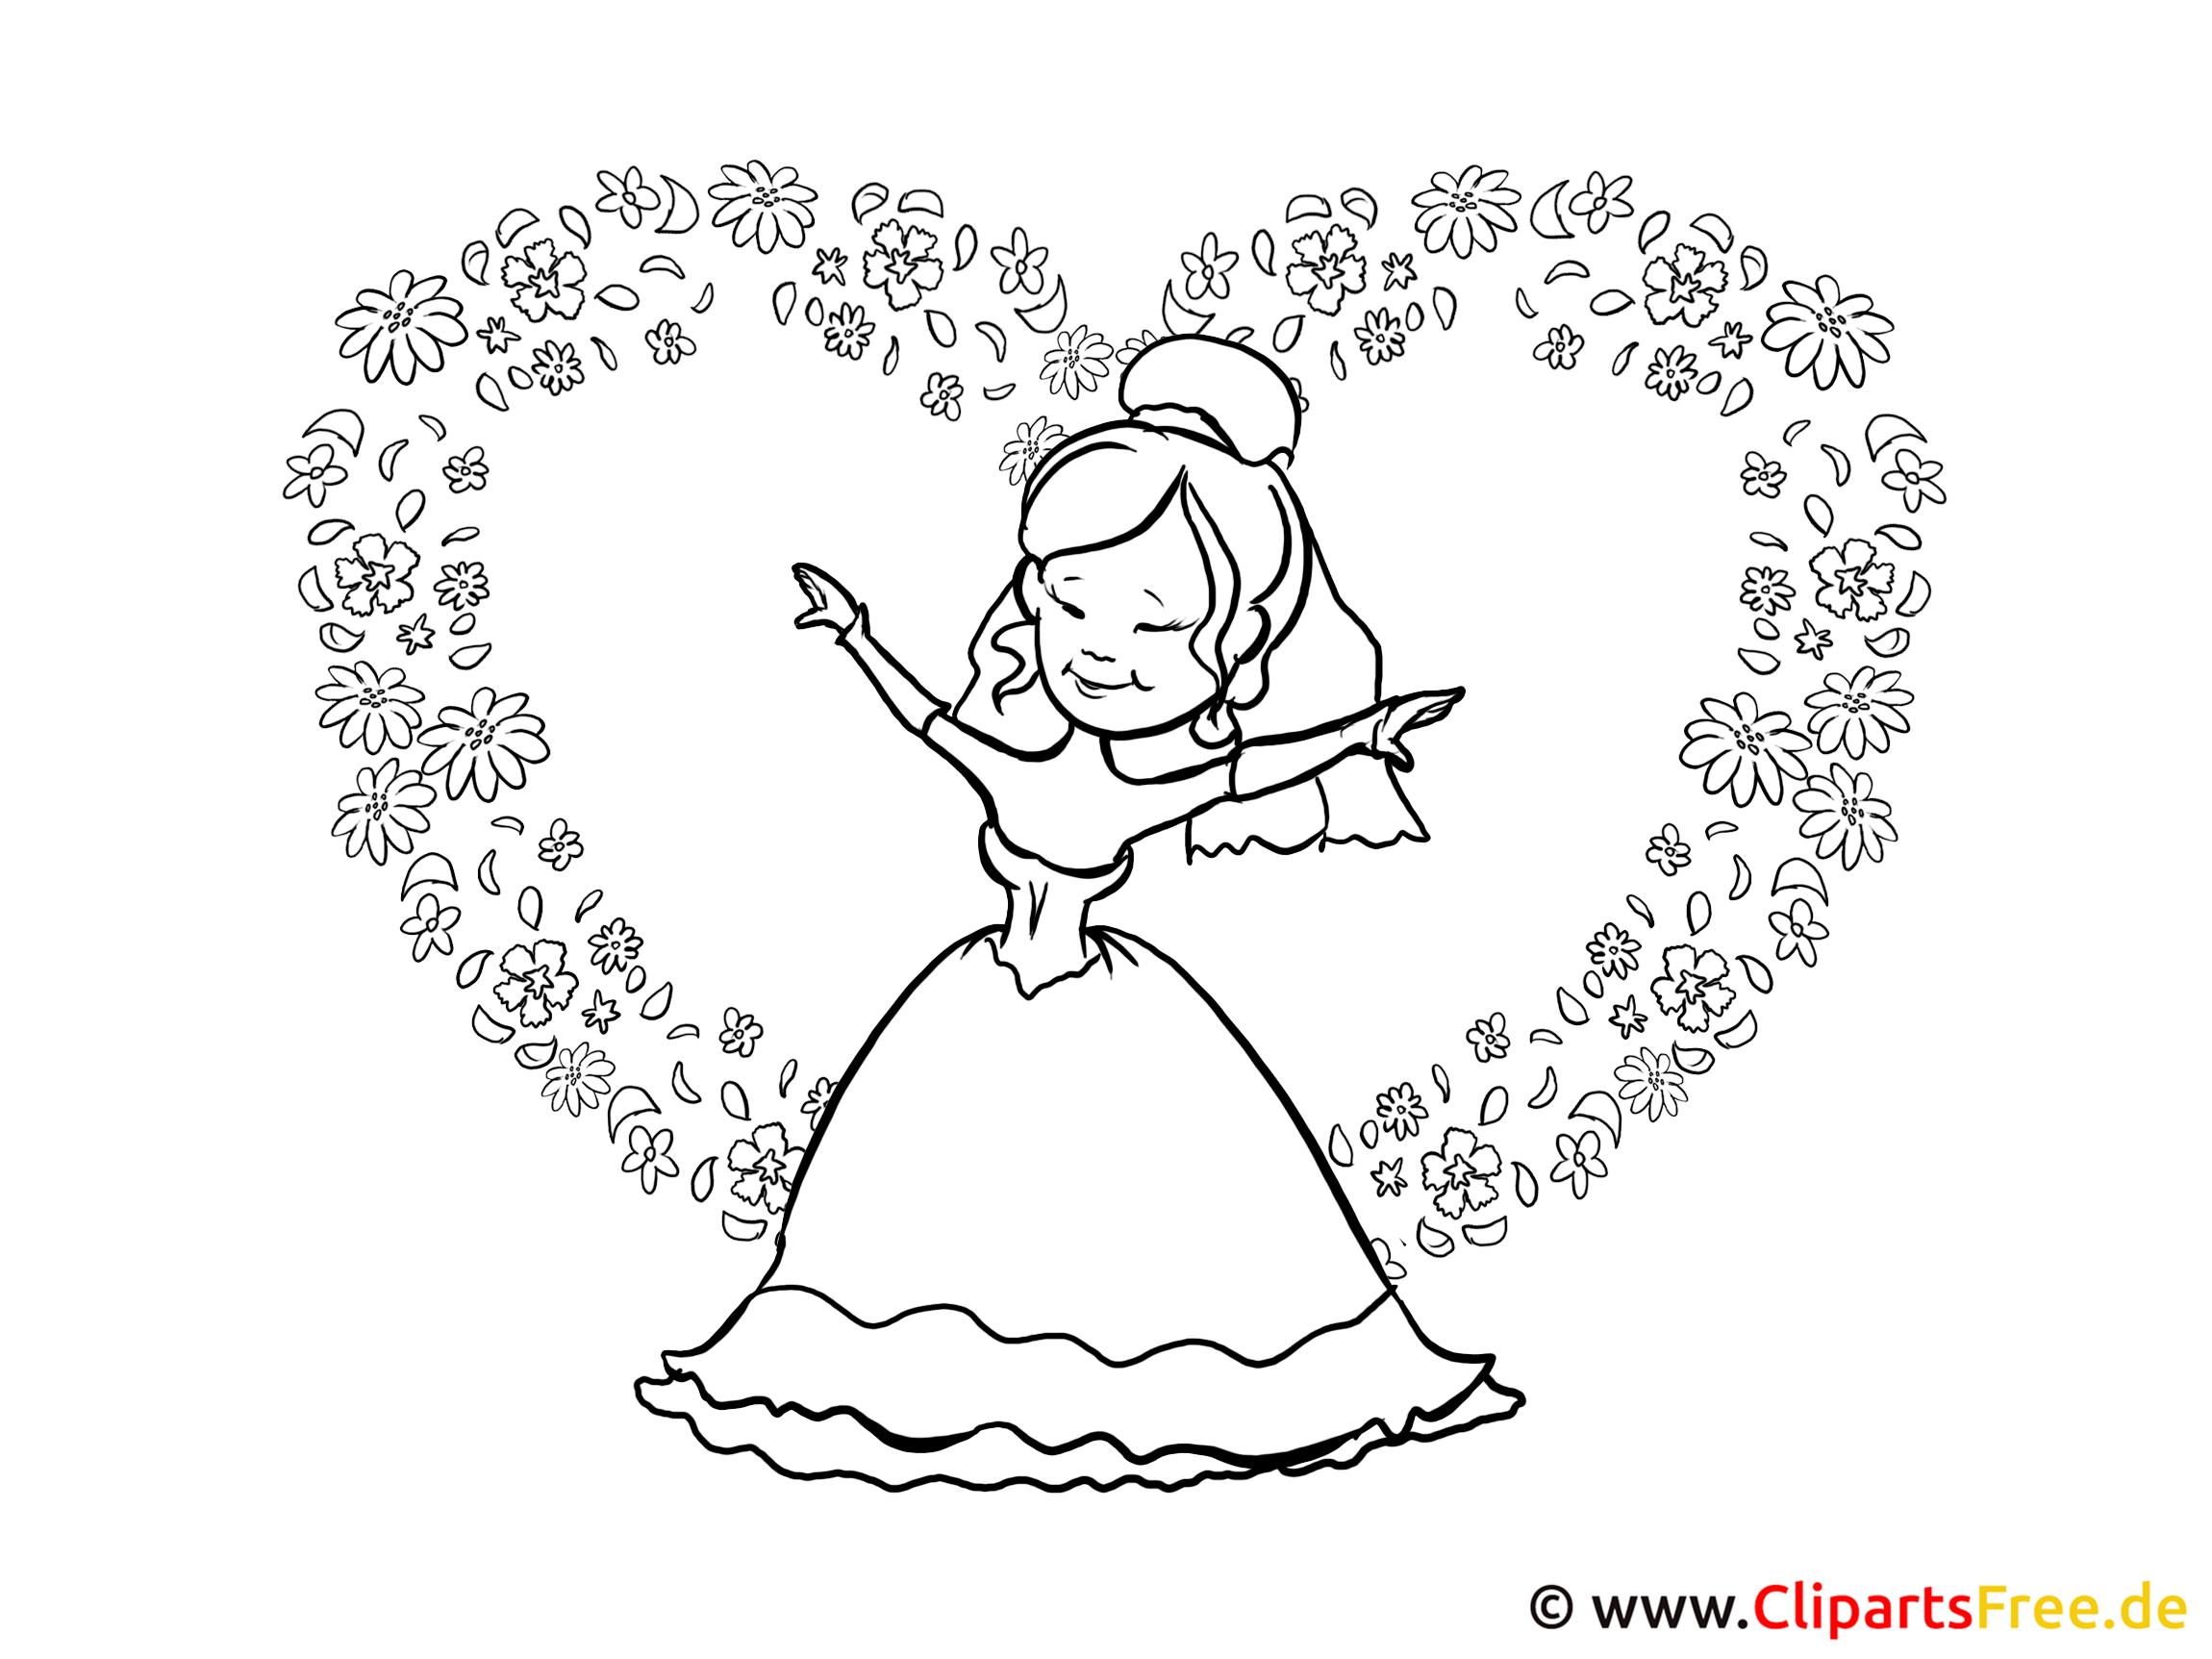 Ausmalbilder Prinzessin bestimmt für Ausmalbilder Von Prinzessinnen